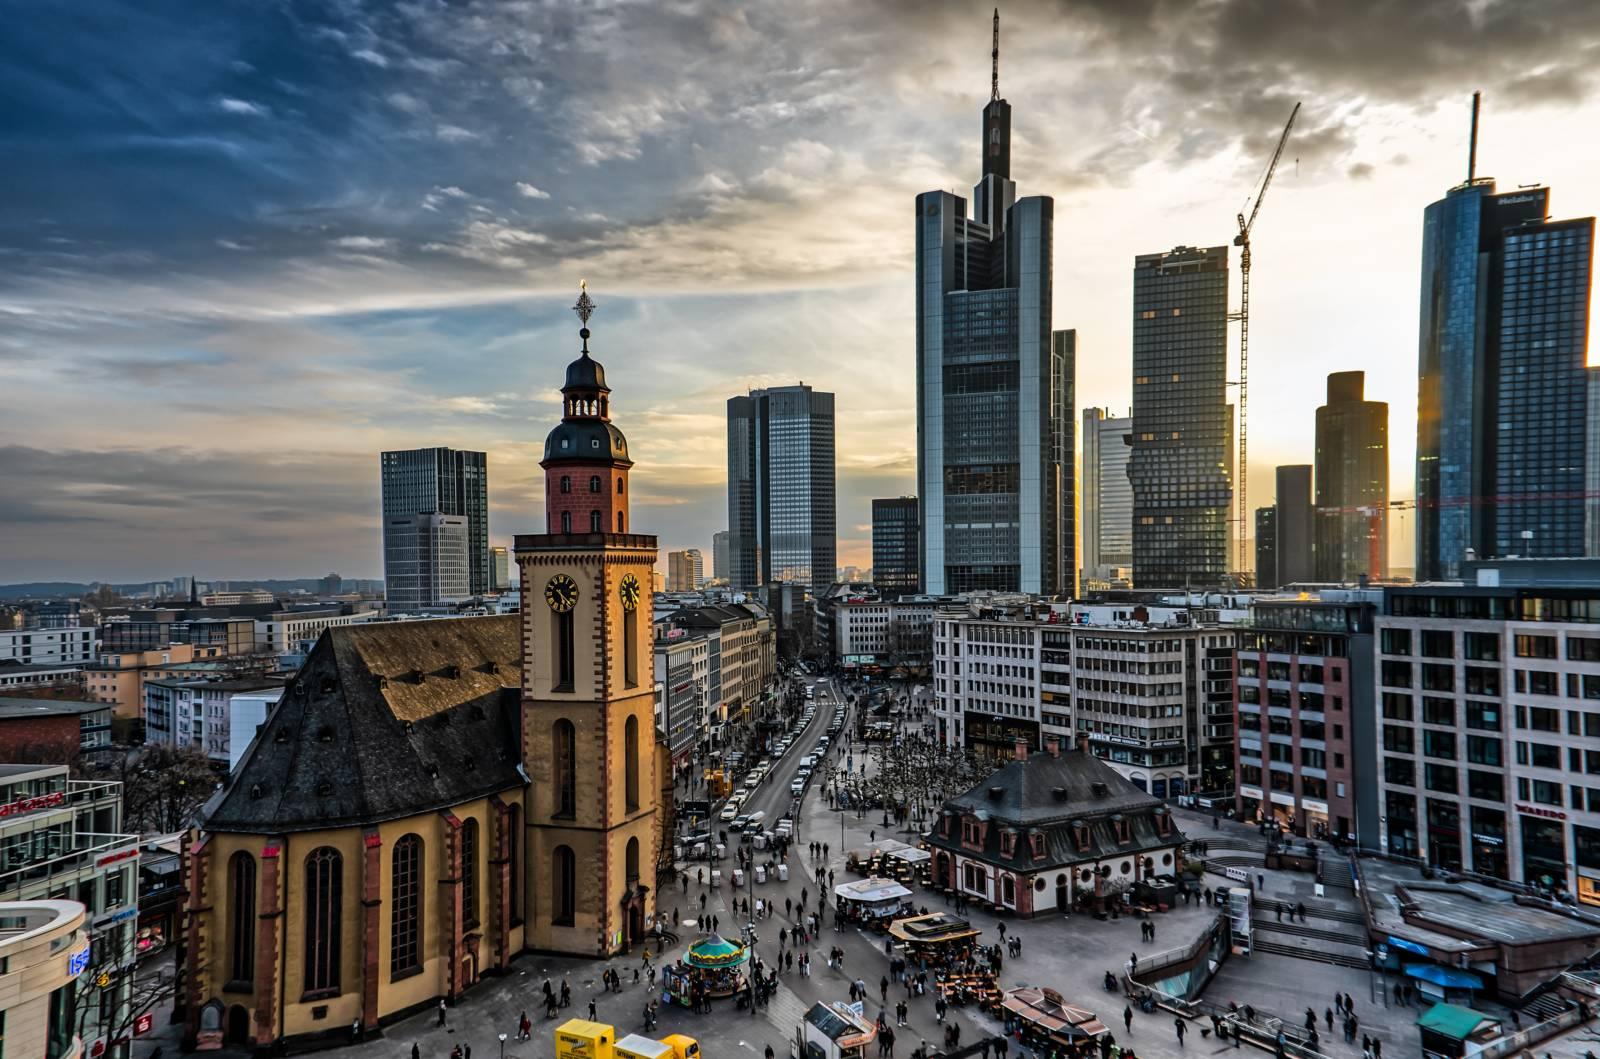 Die EZB nicht für Deutschland. Warum verlor Weidmann gegen Lagarde?